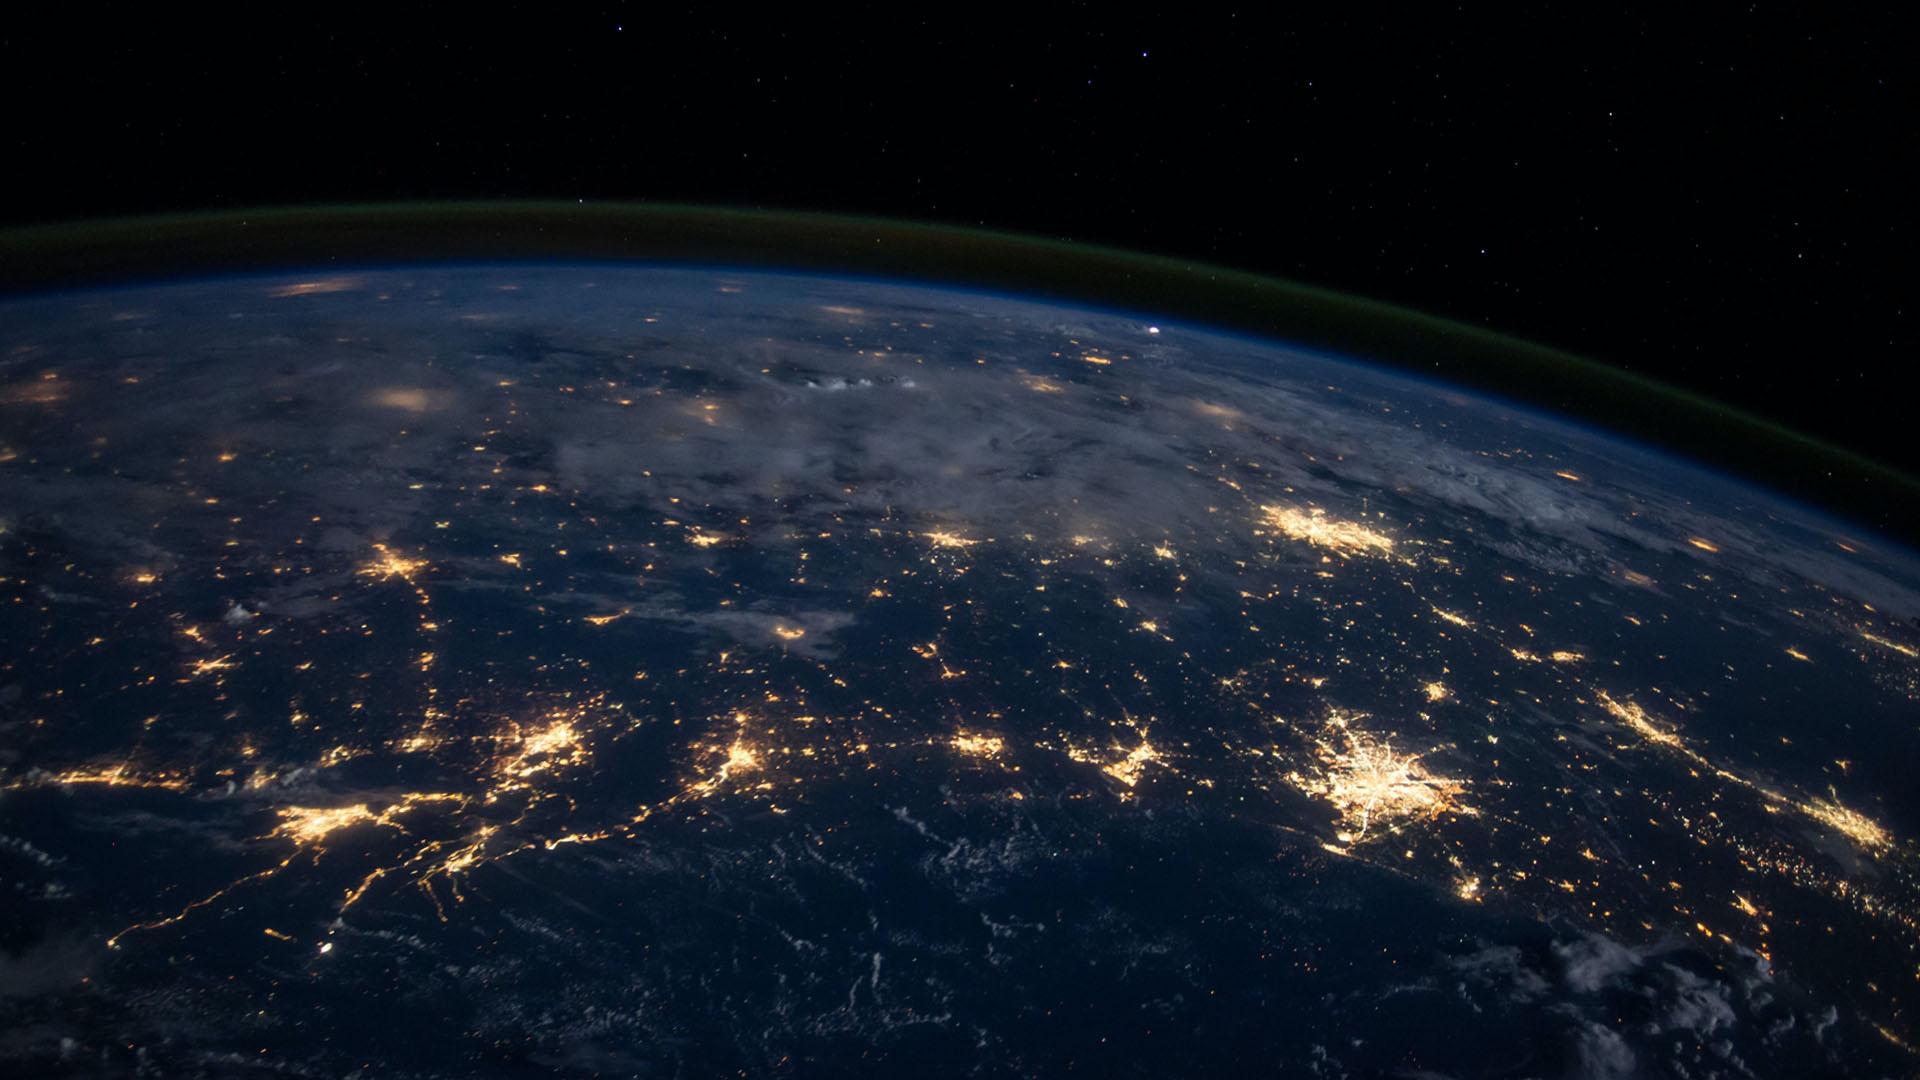 планета земля. бесконечная медитация